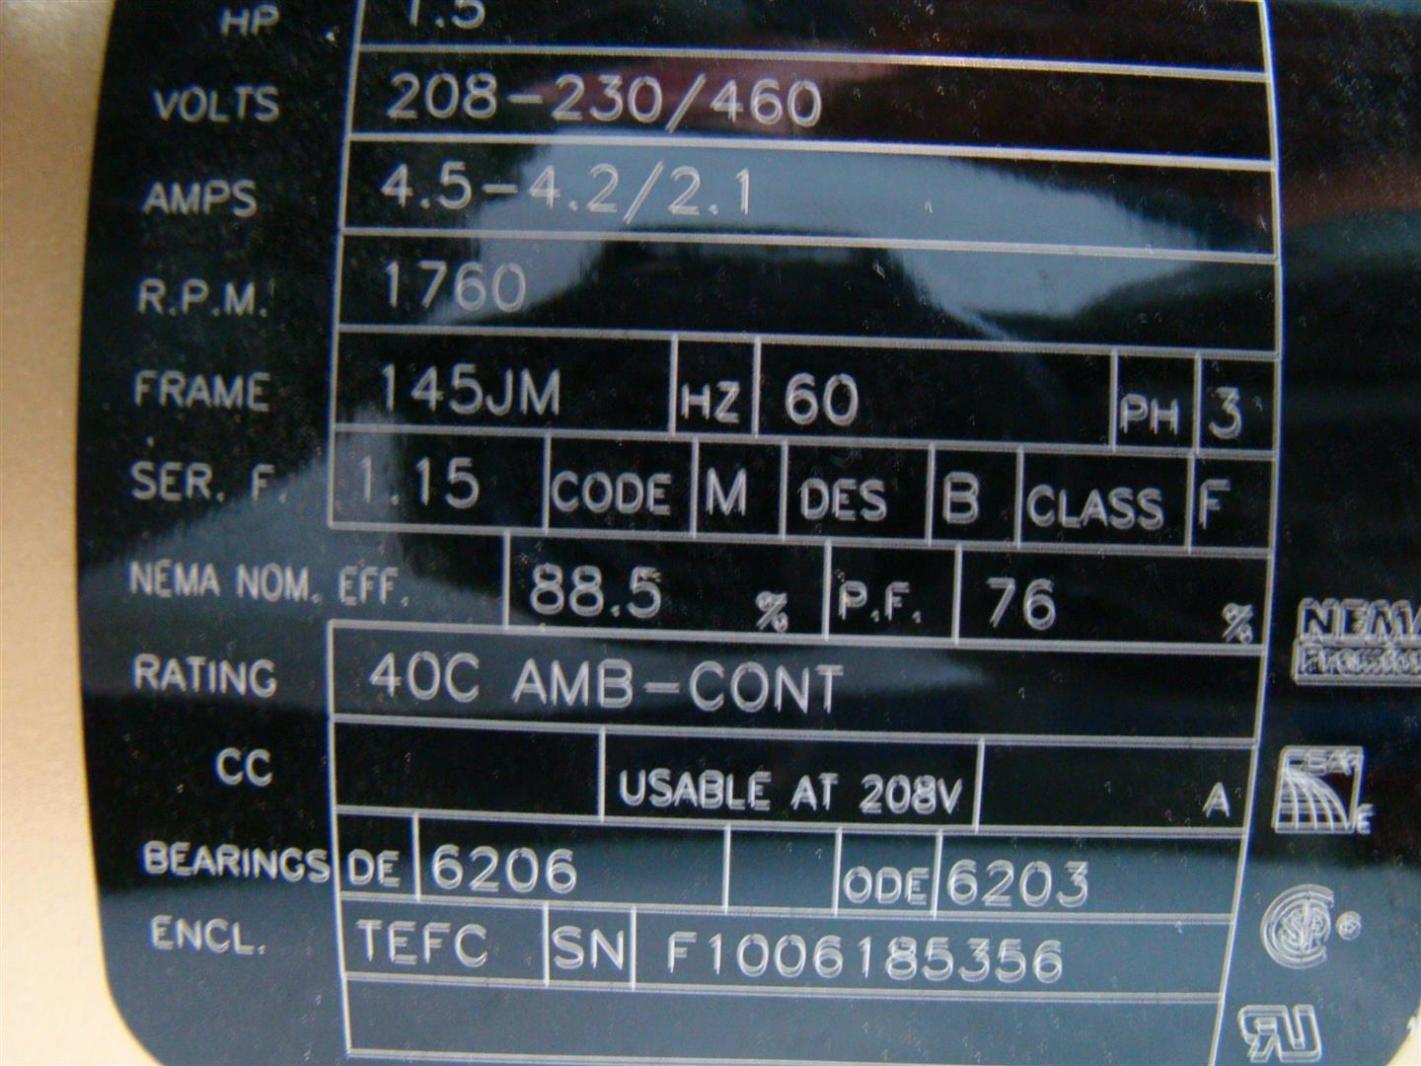 Baldor Reliance Super E Motor 1 5hp 208 230 460v 4 5 2 1amps